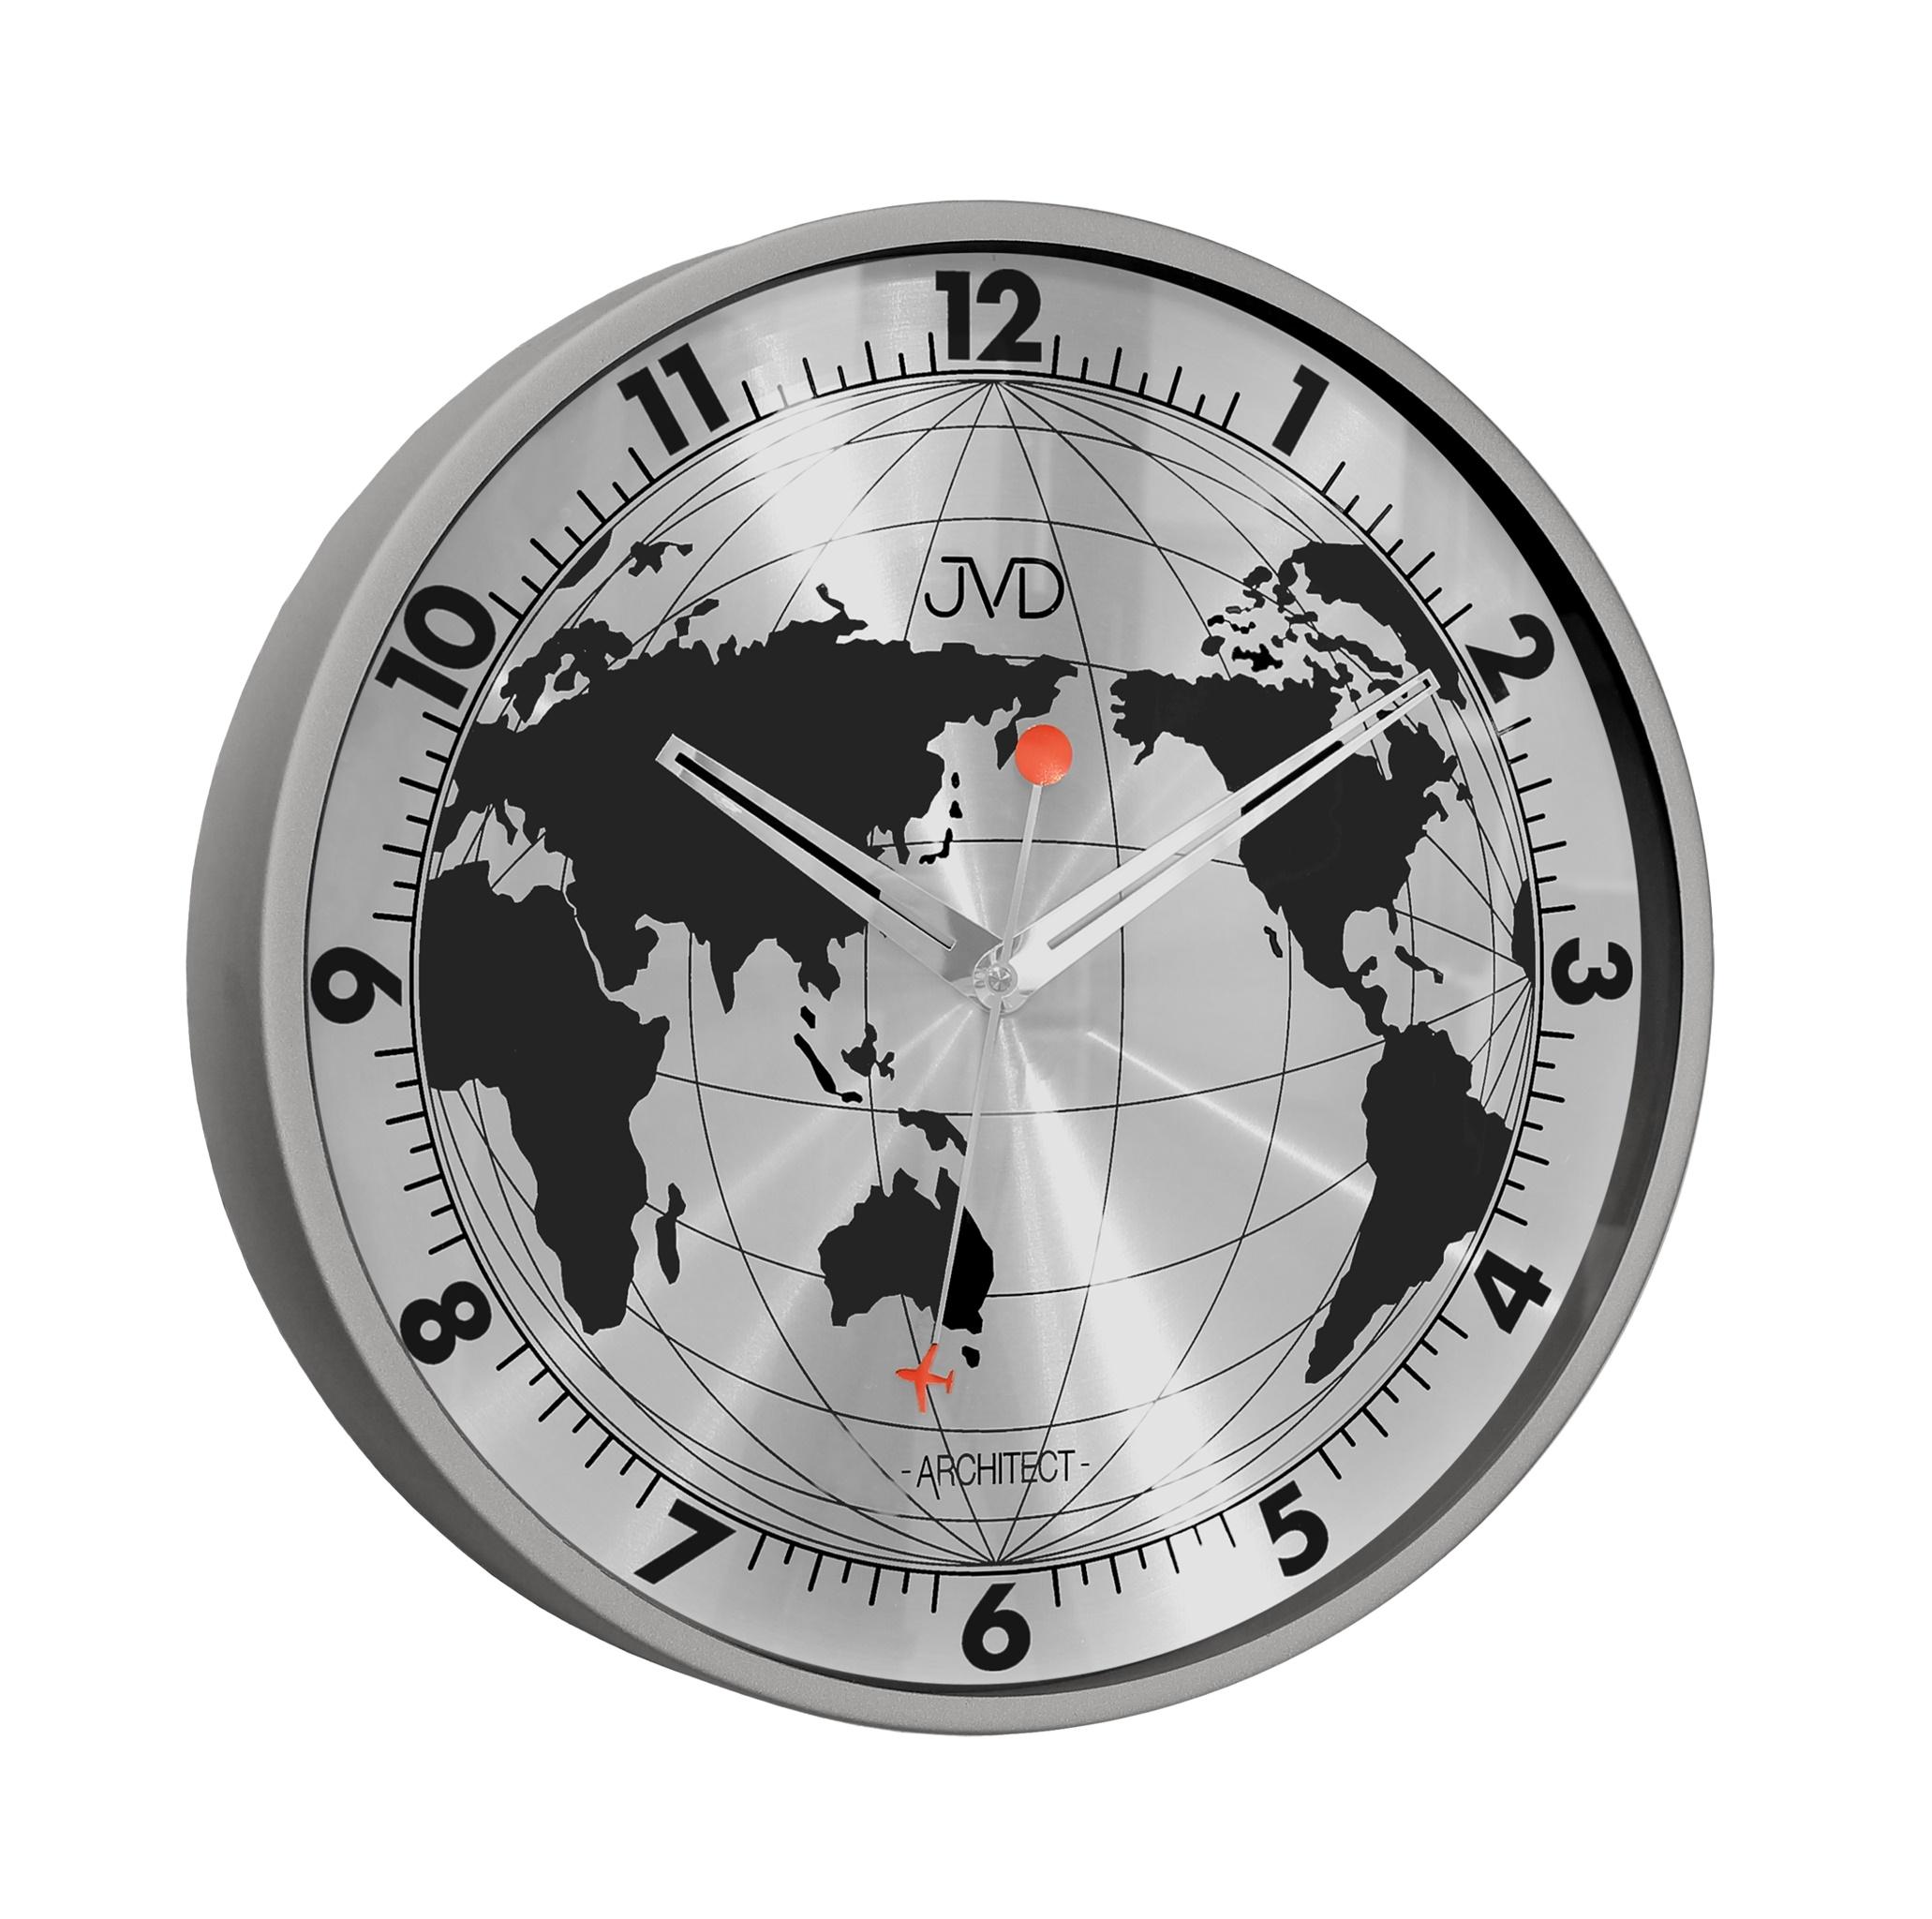 Celo - kovové designové hodiny JVD -Architect- HC15.1 (POŠTOVNÉ ZDARMA!!)